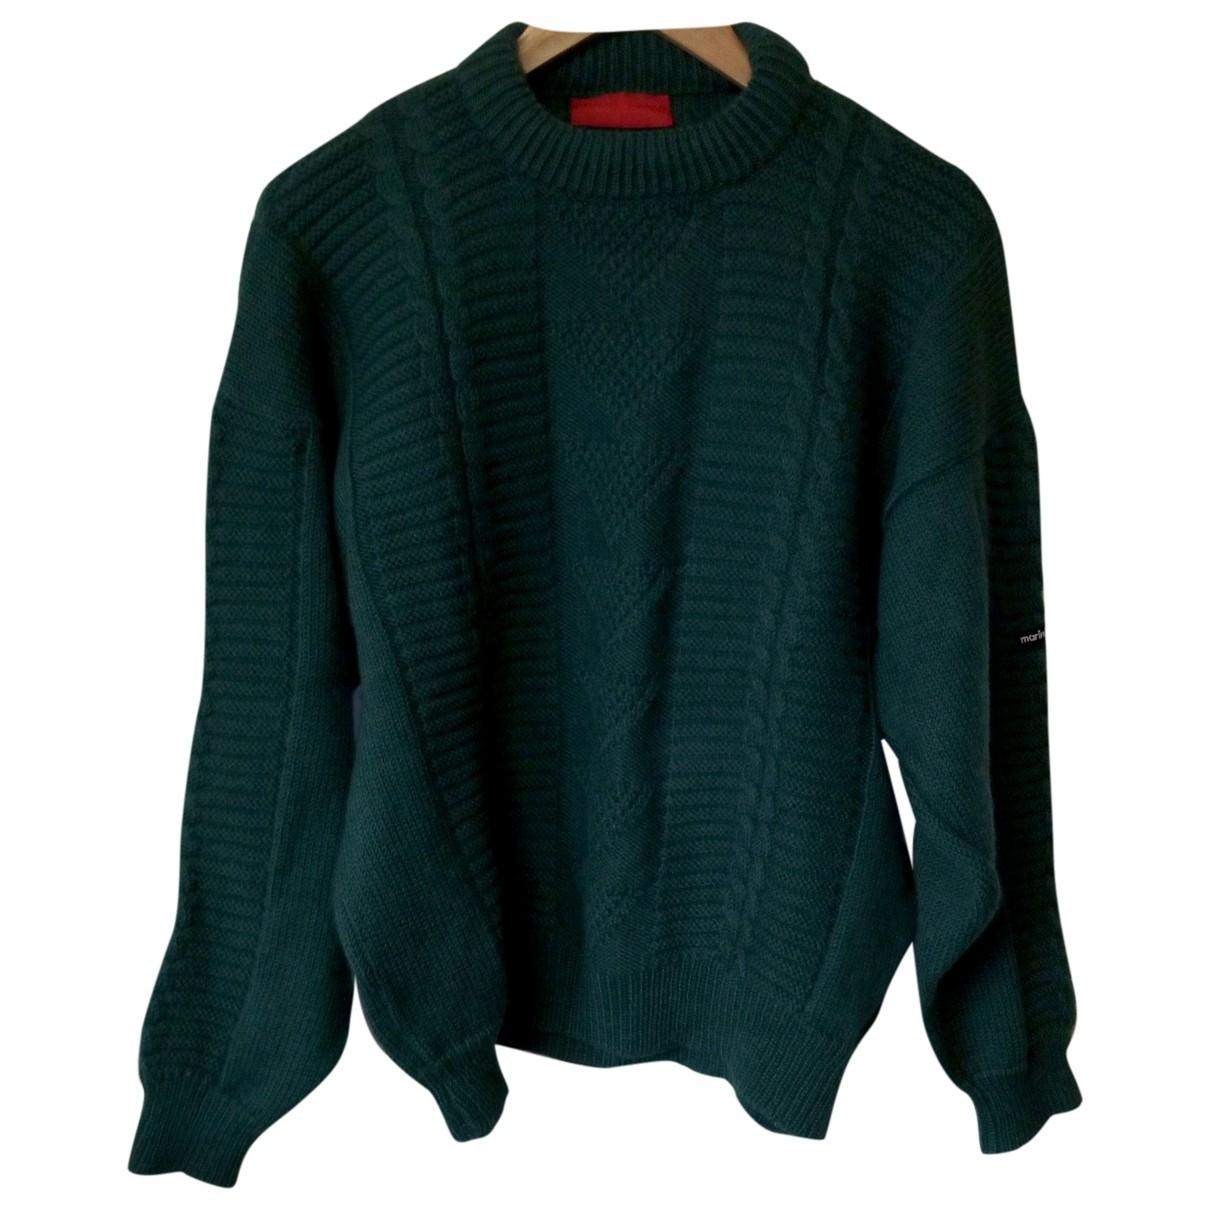 Marina Yachting \N Pullover.Westen.Sweatshirts  in  Gruen Wolle